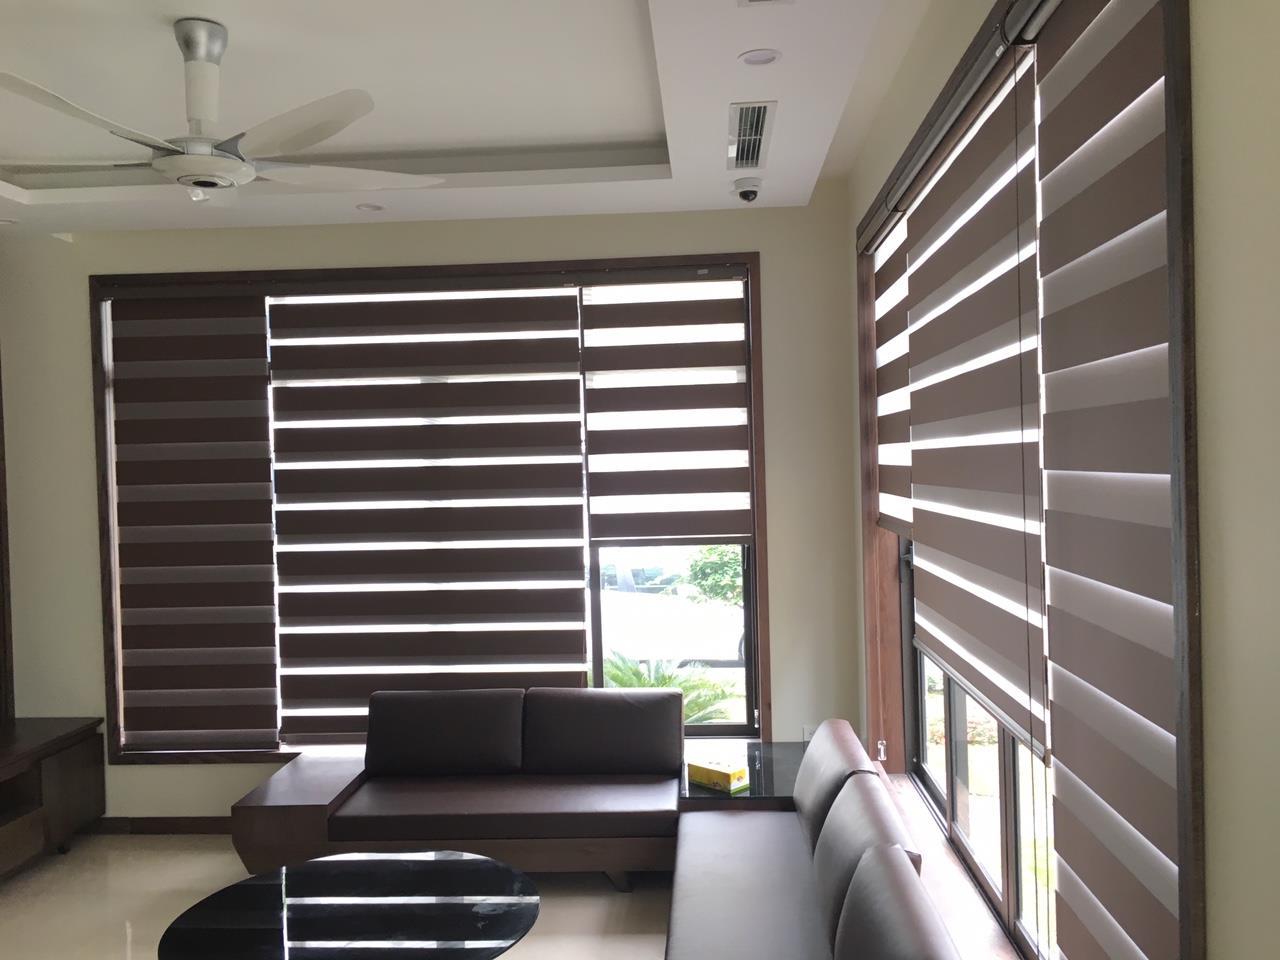 Rèm tre và rèm cửa gỗ được sử dụng cho nhà hàng truyền thống